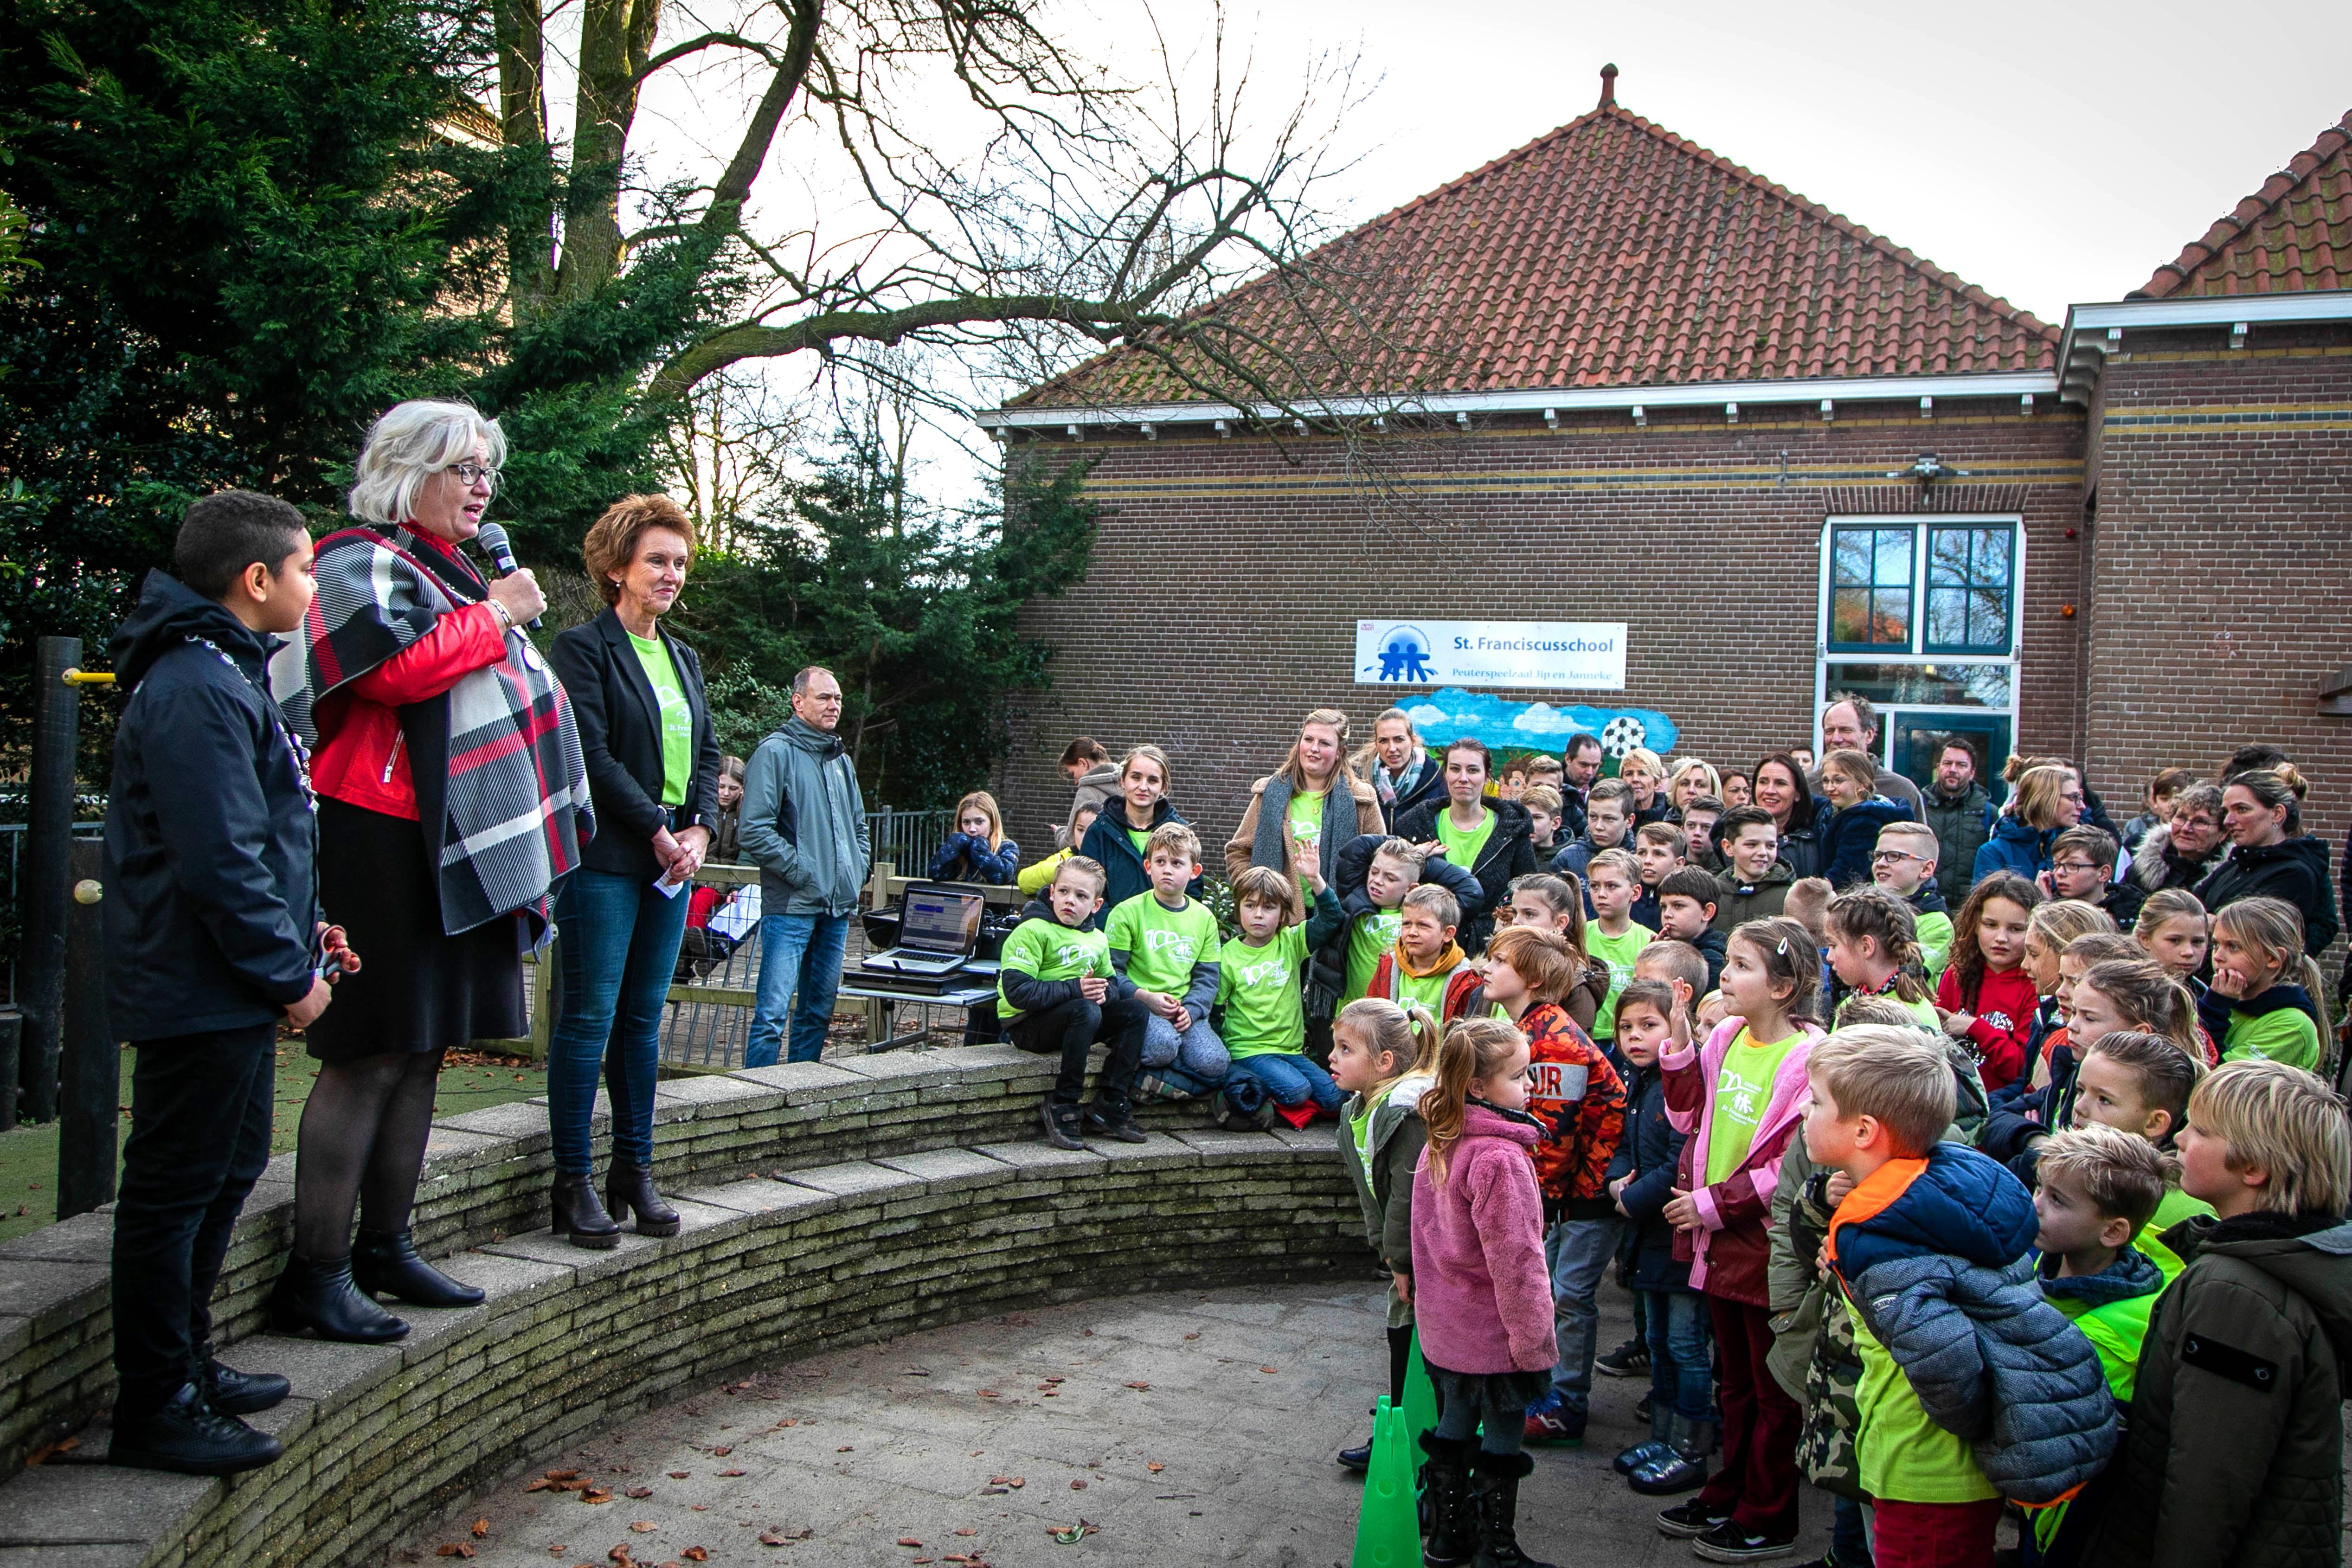 'De school waar je voor omfietst', bestaat een eeuw; St. Franciscusschool in Haarlemmerliede viert feest